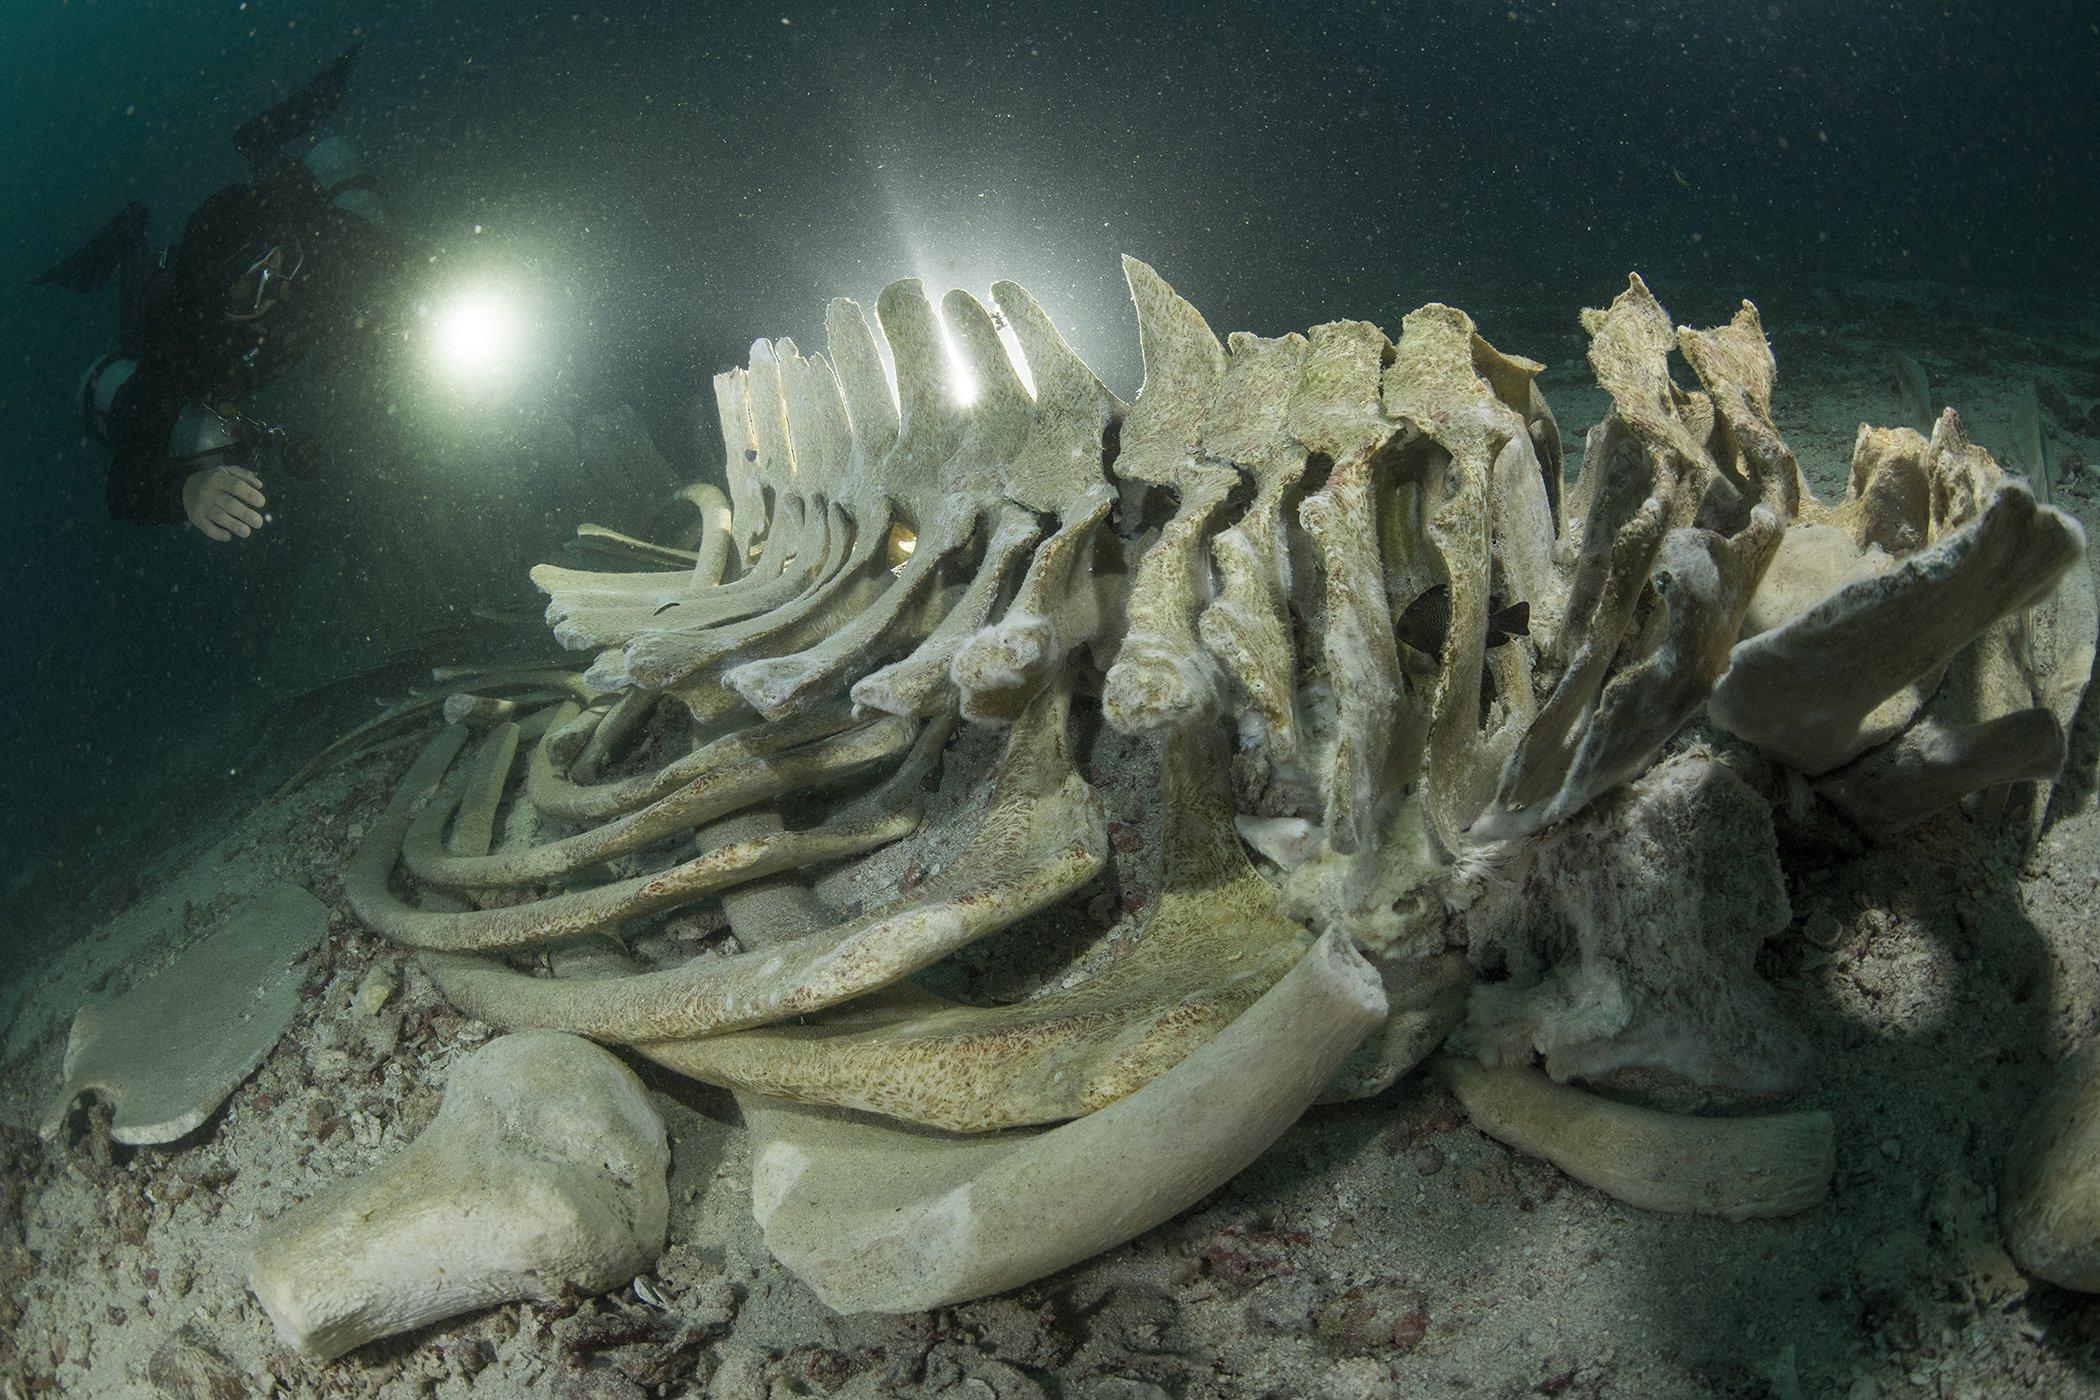 2021UNWOD Oceanic Discoveries Sirachai Arunrugstichai 3rd Place.jpg